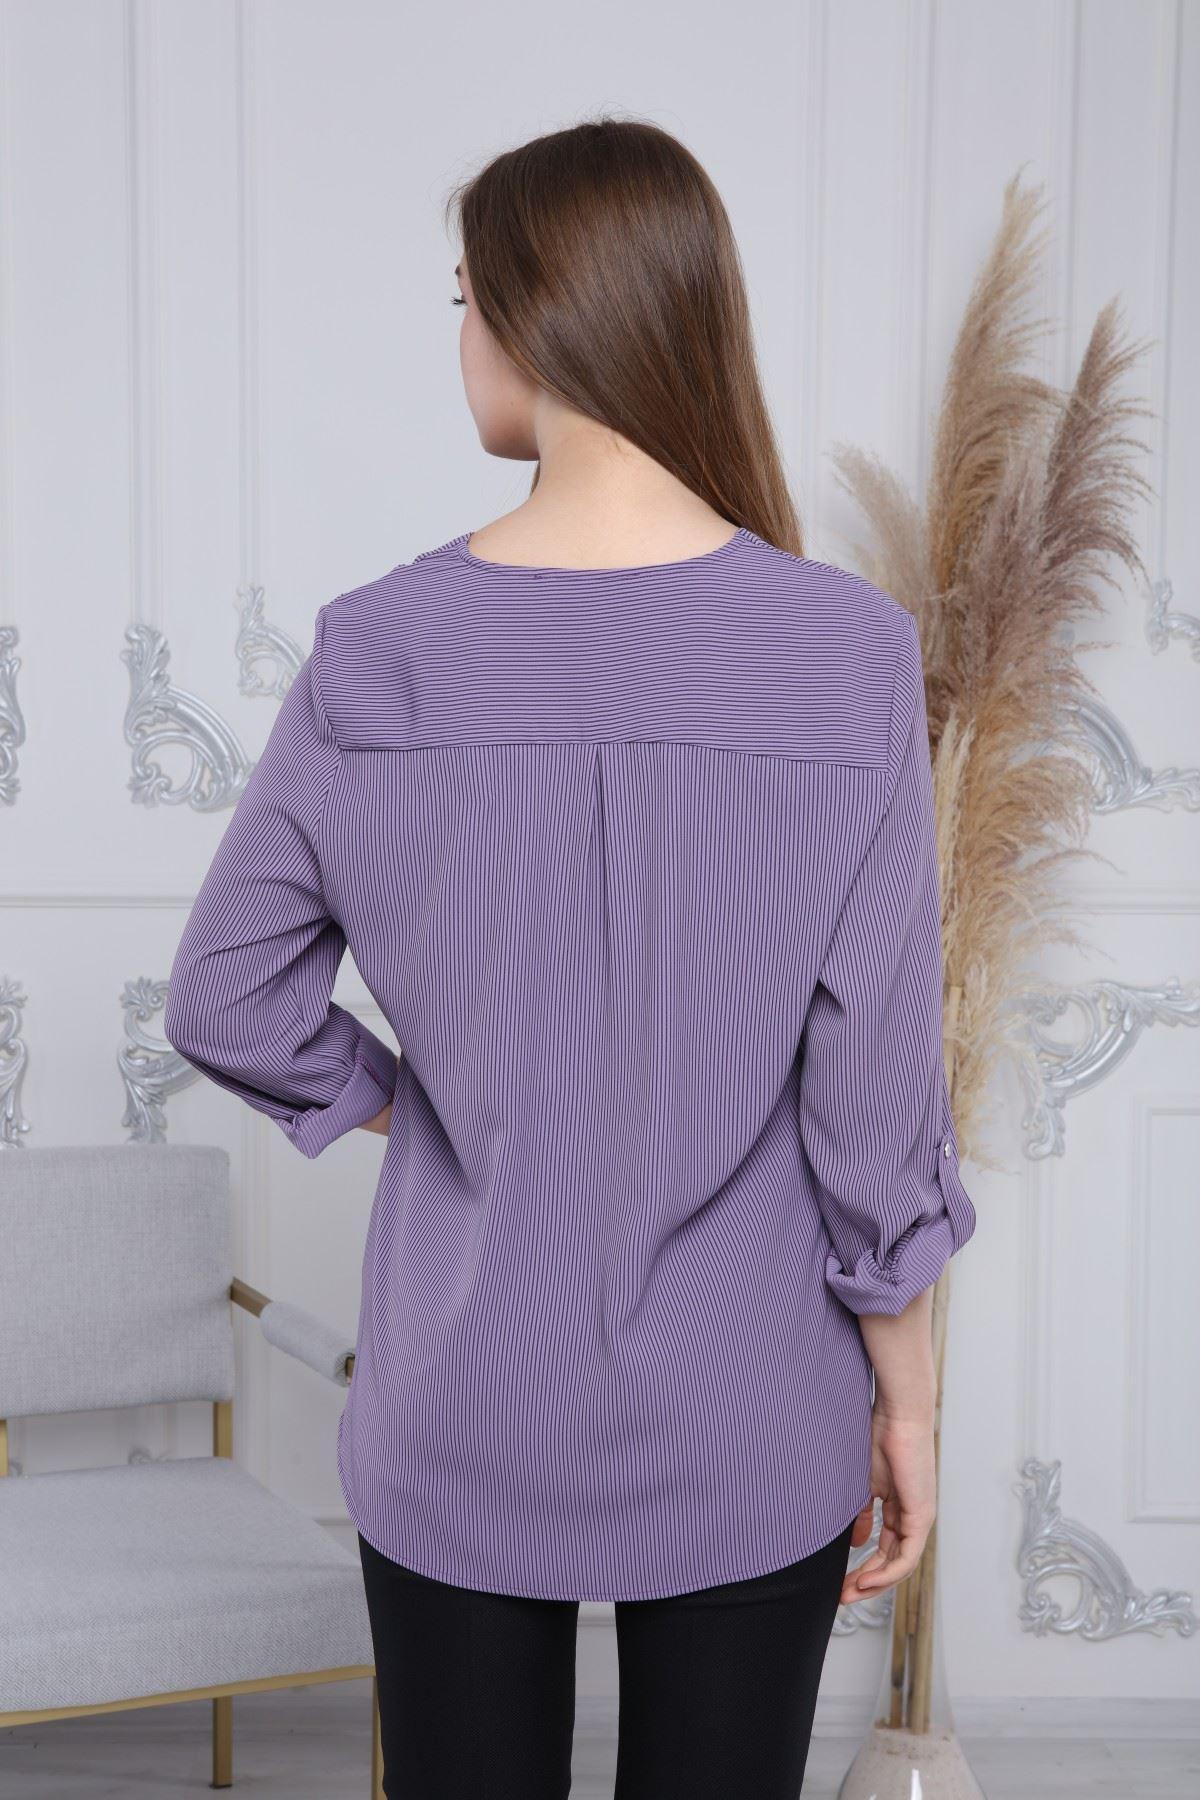 Çizgili Kravatlı Kadın Bluz